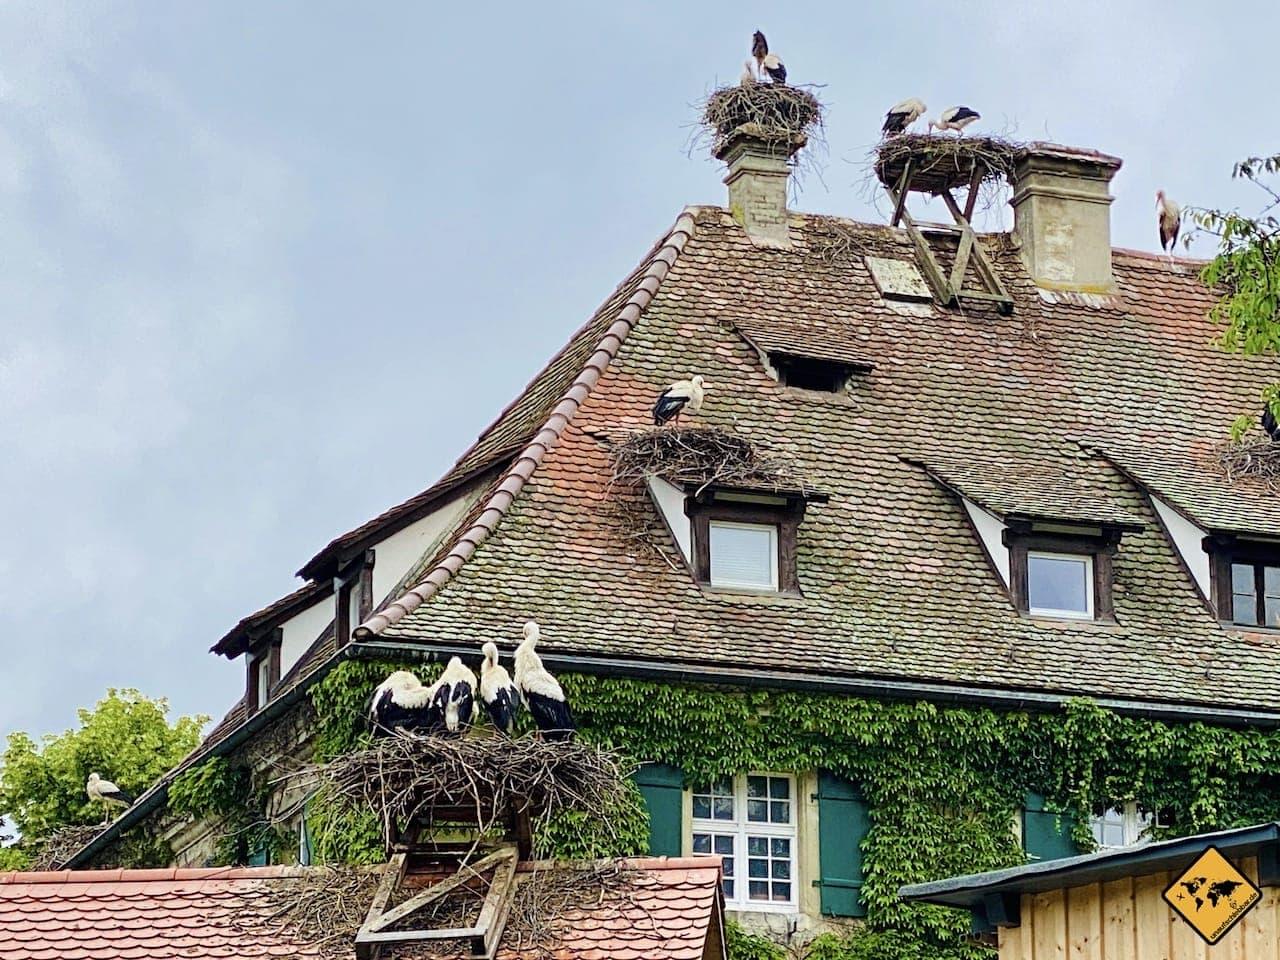 Störche Nester Dach Salem